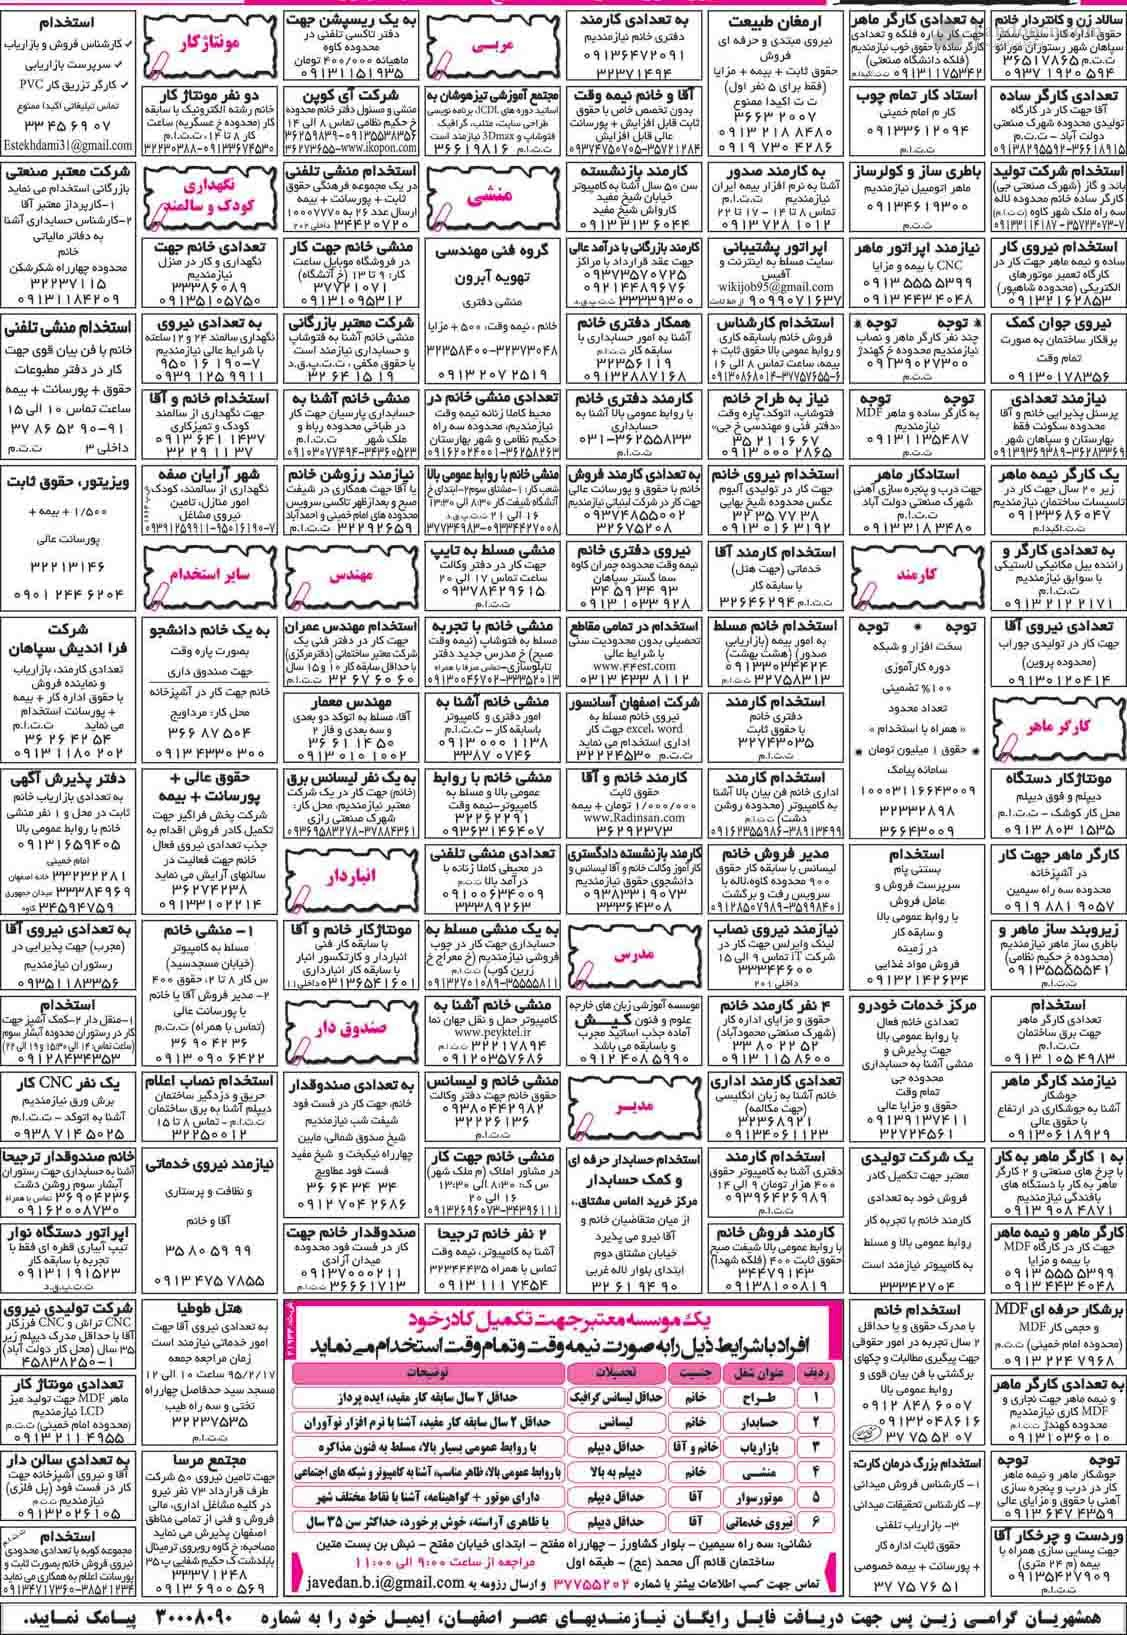 تلگرام اخبار استان قزوین نیازمندی های استخدامی اصفهان 14 اردیبهشت 95 » کندو   مرجع ...